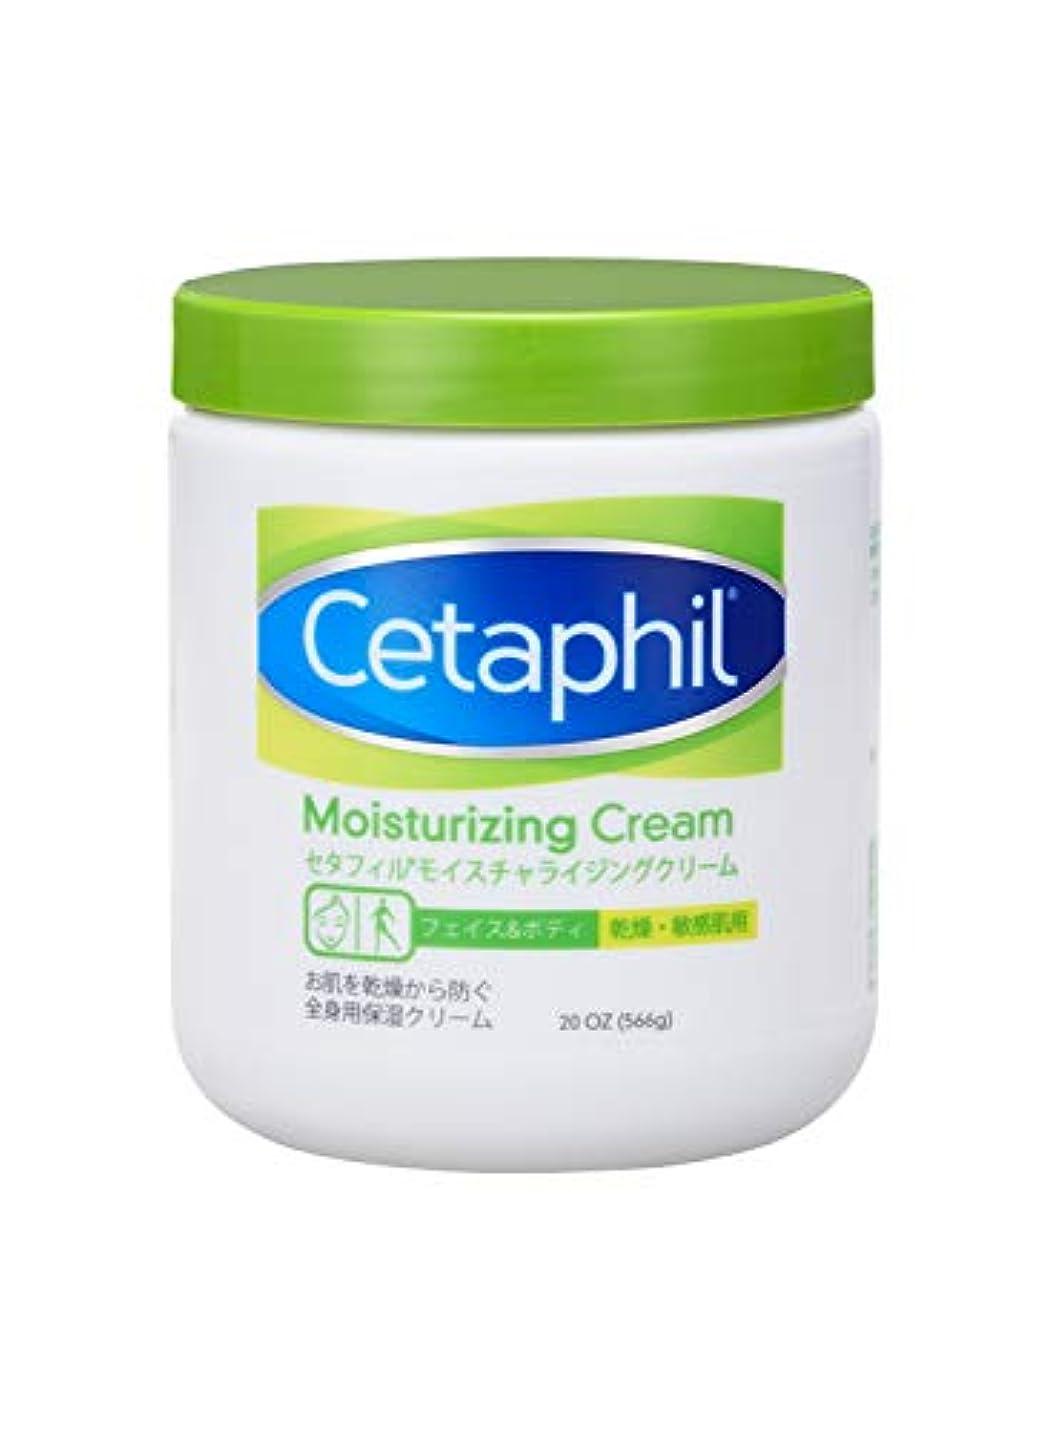 分類するパーセント盗難セタフィル Cetaphil ® モイスチャライジングクリーム 566ml ( フェイス & ボディ 保湿クリーム クリーム )